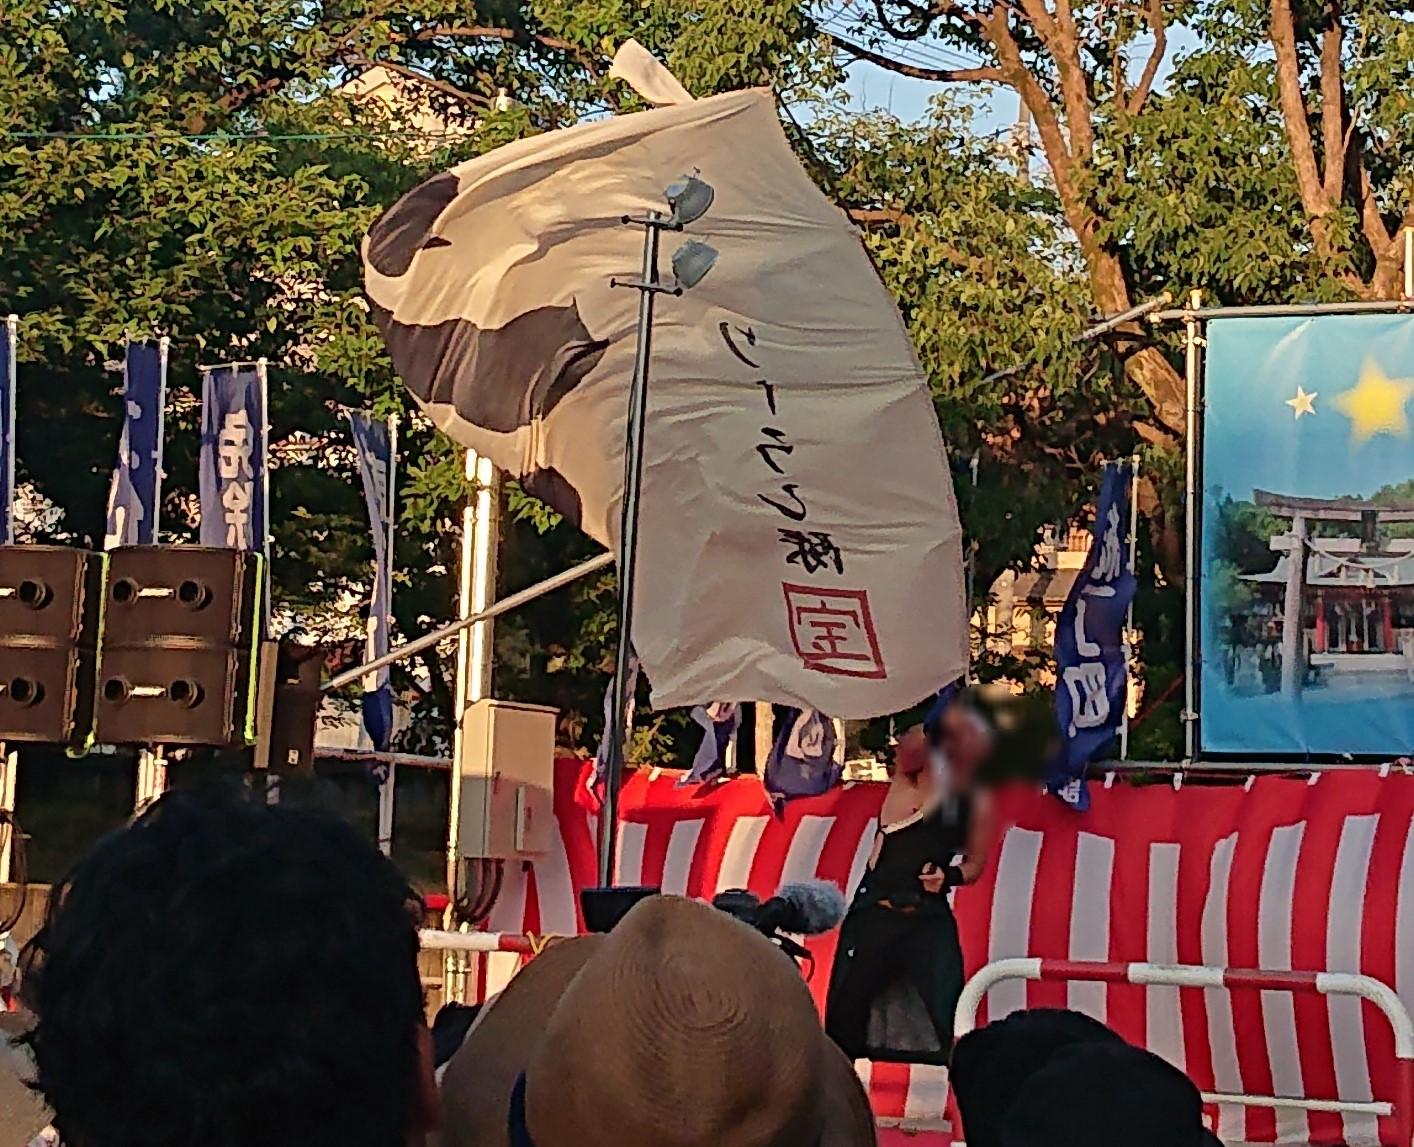 ソーラン旗